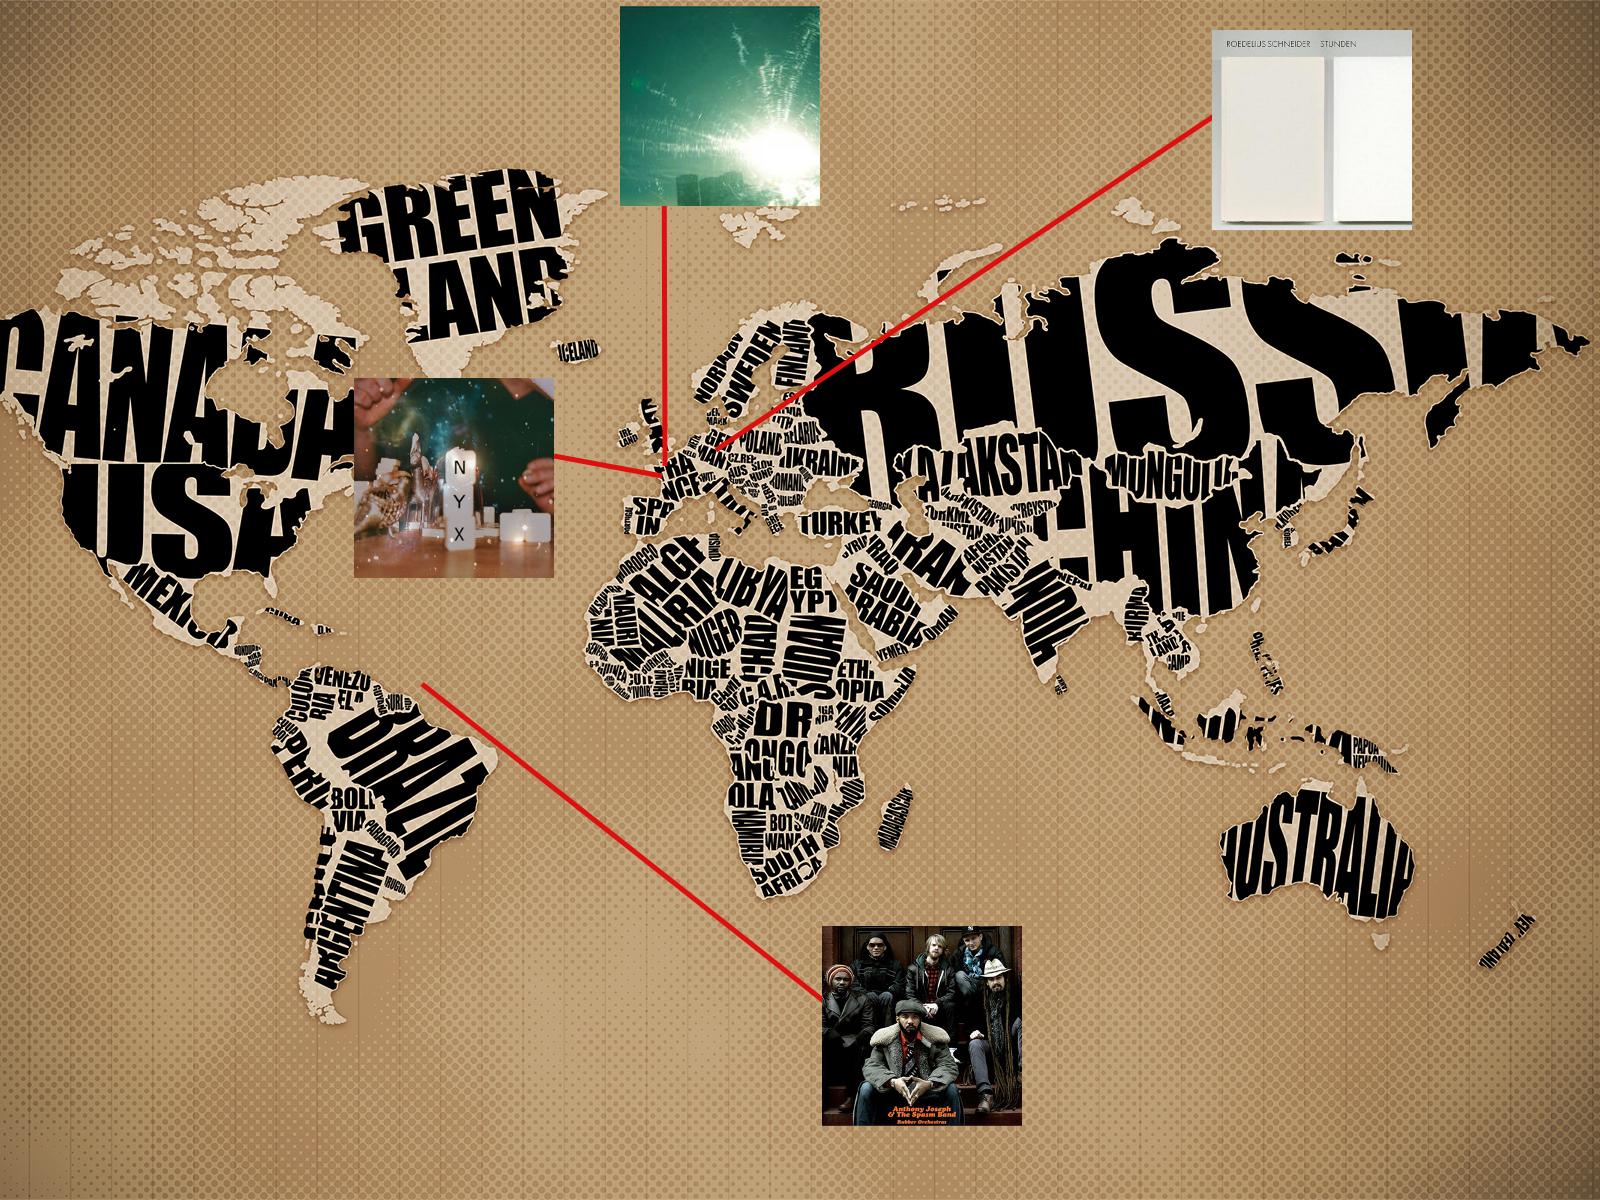 une ann e 2011 2 carr gagnant et carte du monde habit arbobo. Black Bedroom Furniture Sets. Home Design Ideas